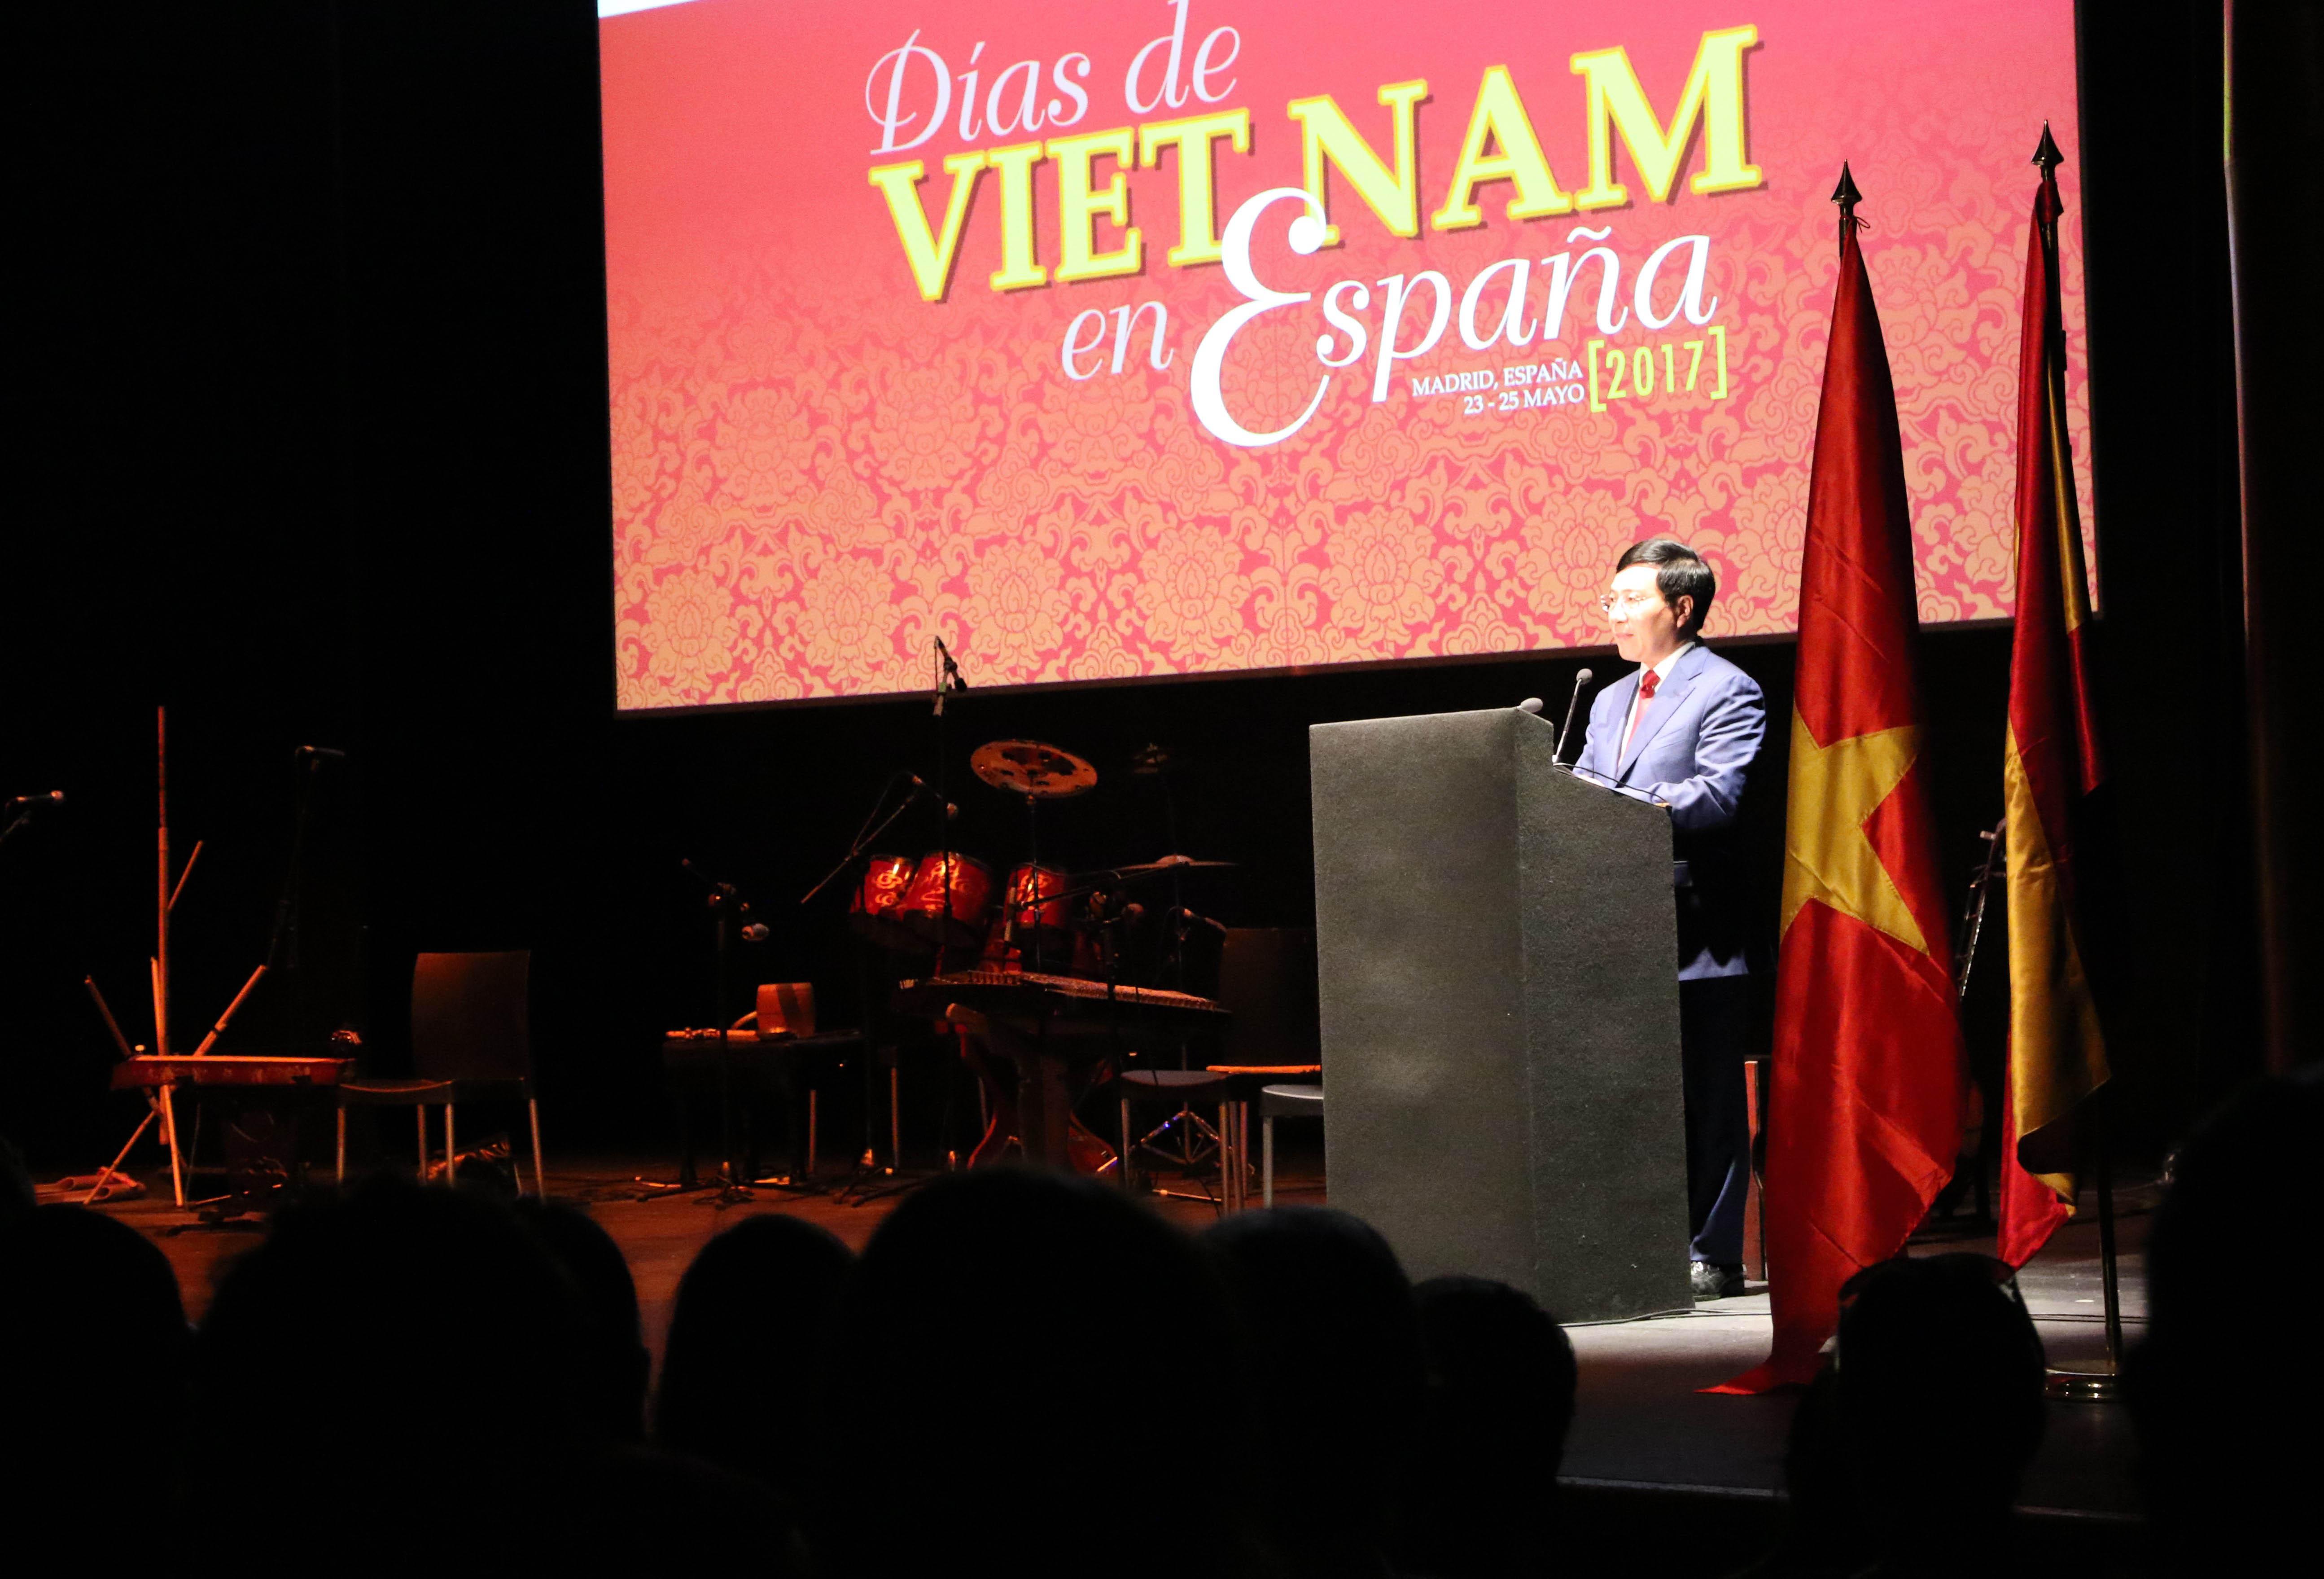 Vietnam Day in Spain 2017 opens